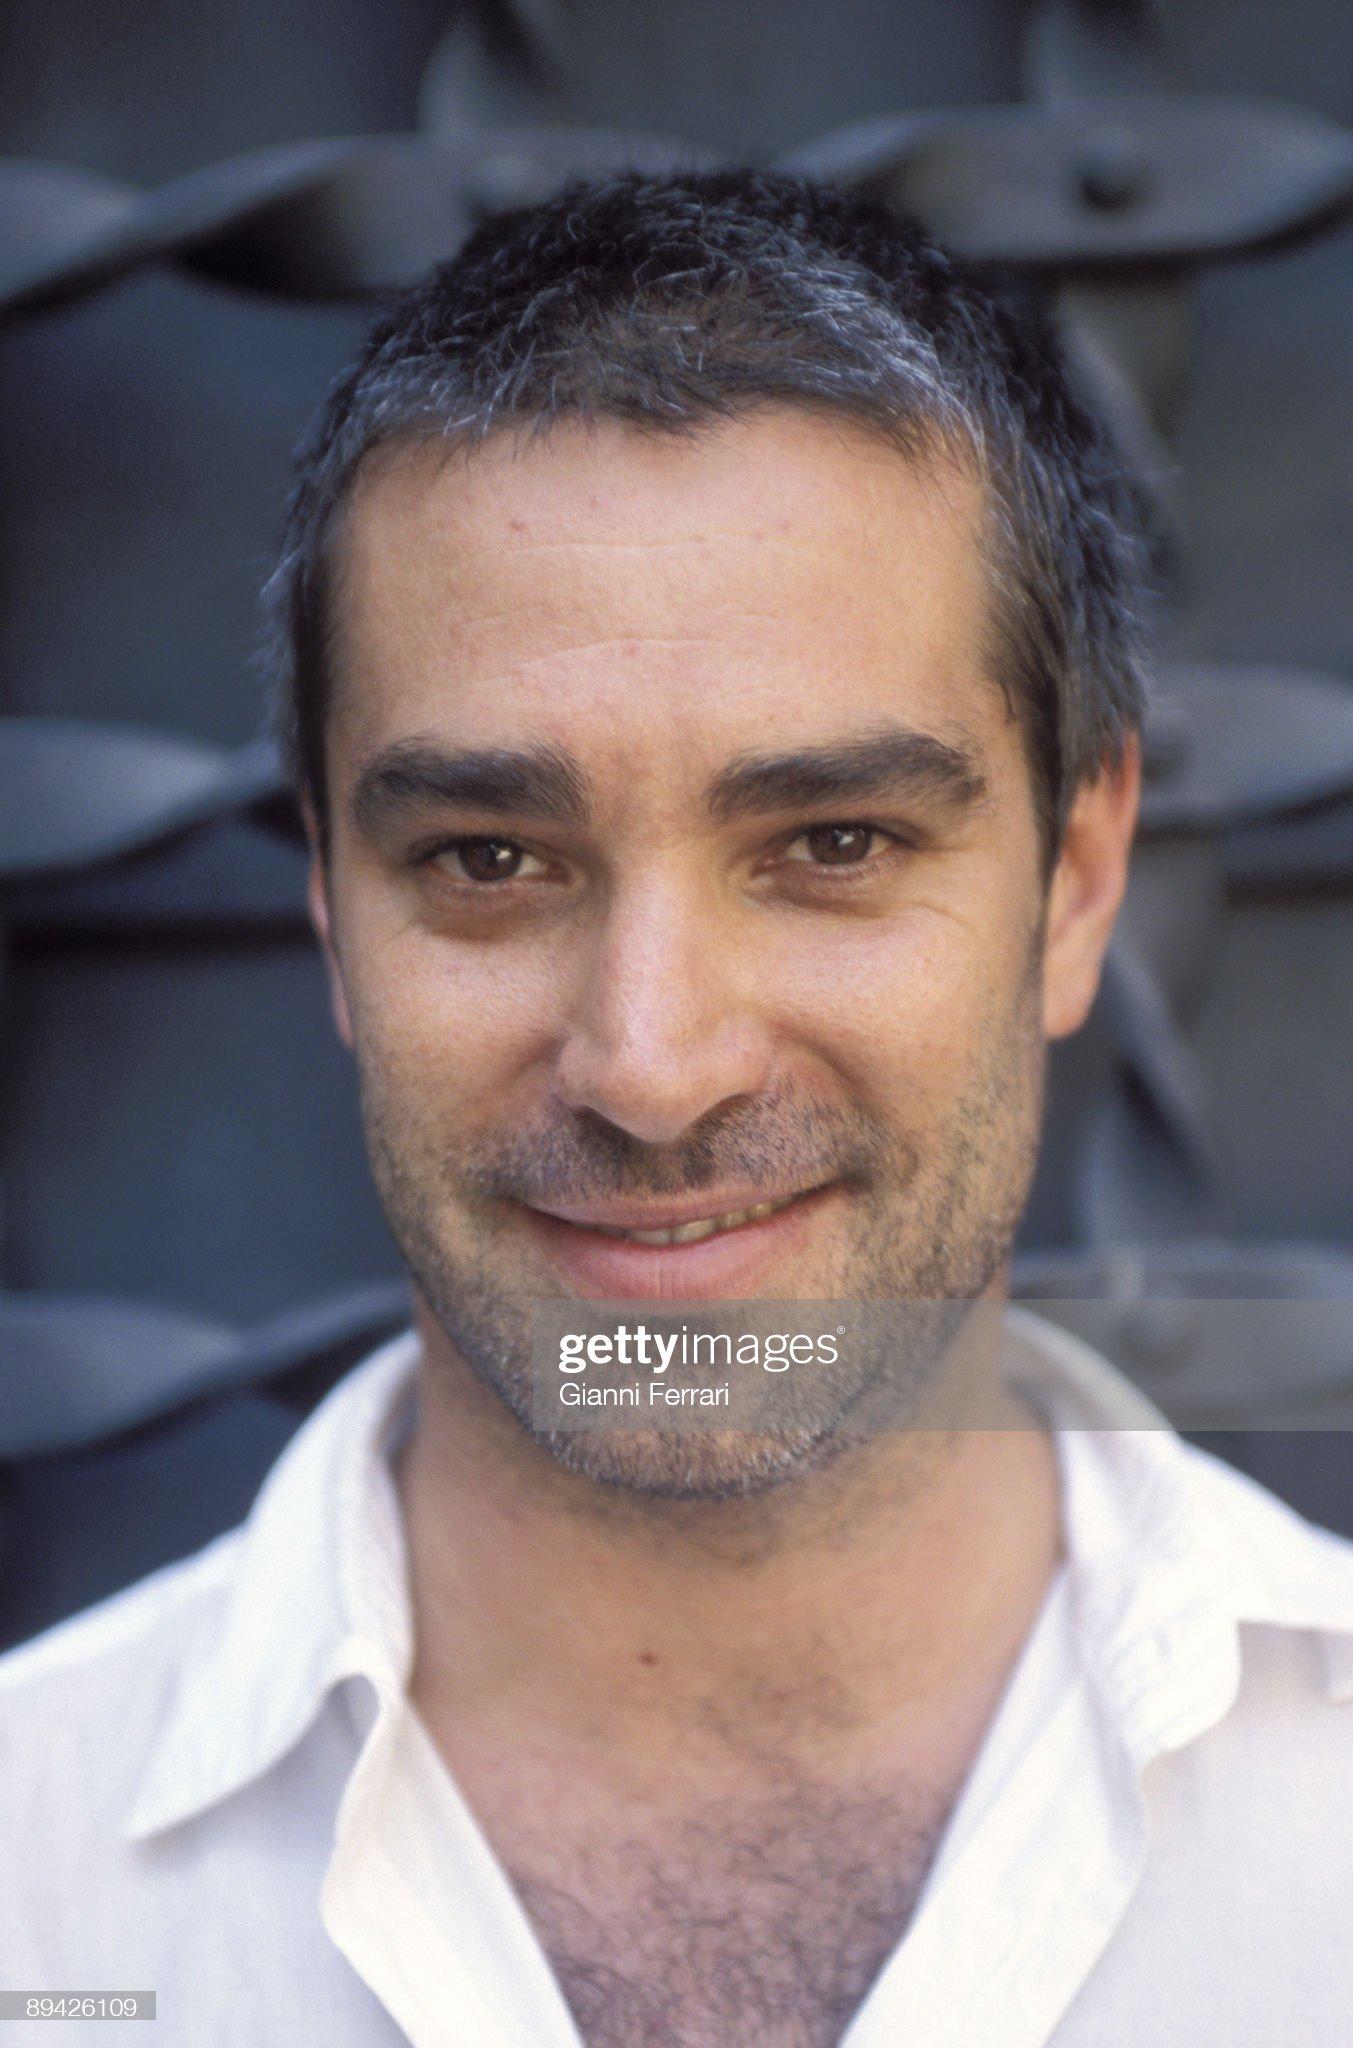 ¿Cuánto mide Adrià Collado? - Altura Portrait-of-adria-collado-actor-picture-id89426109?s=2048x2048